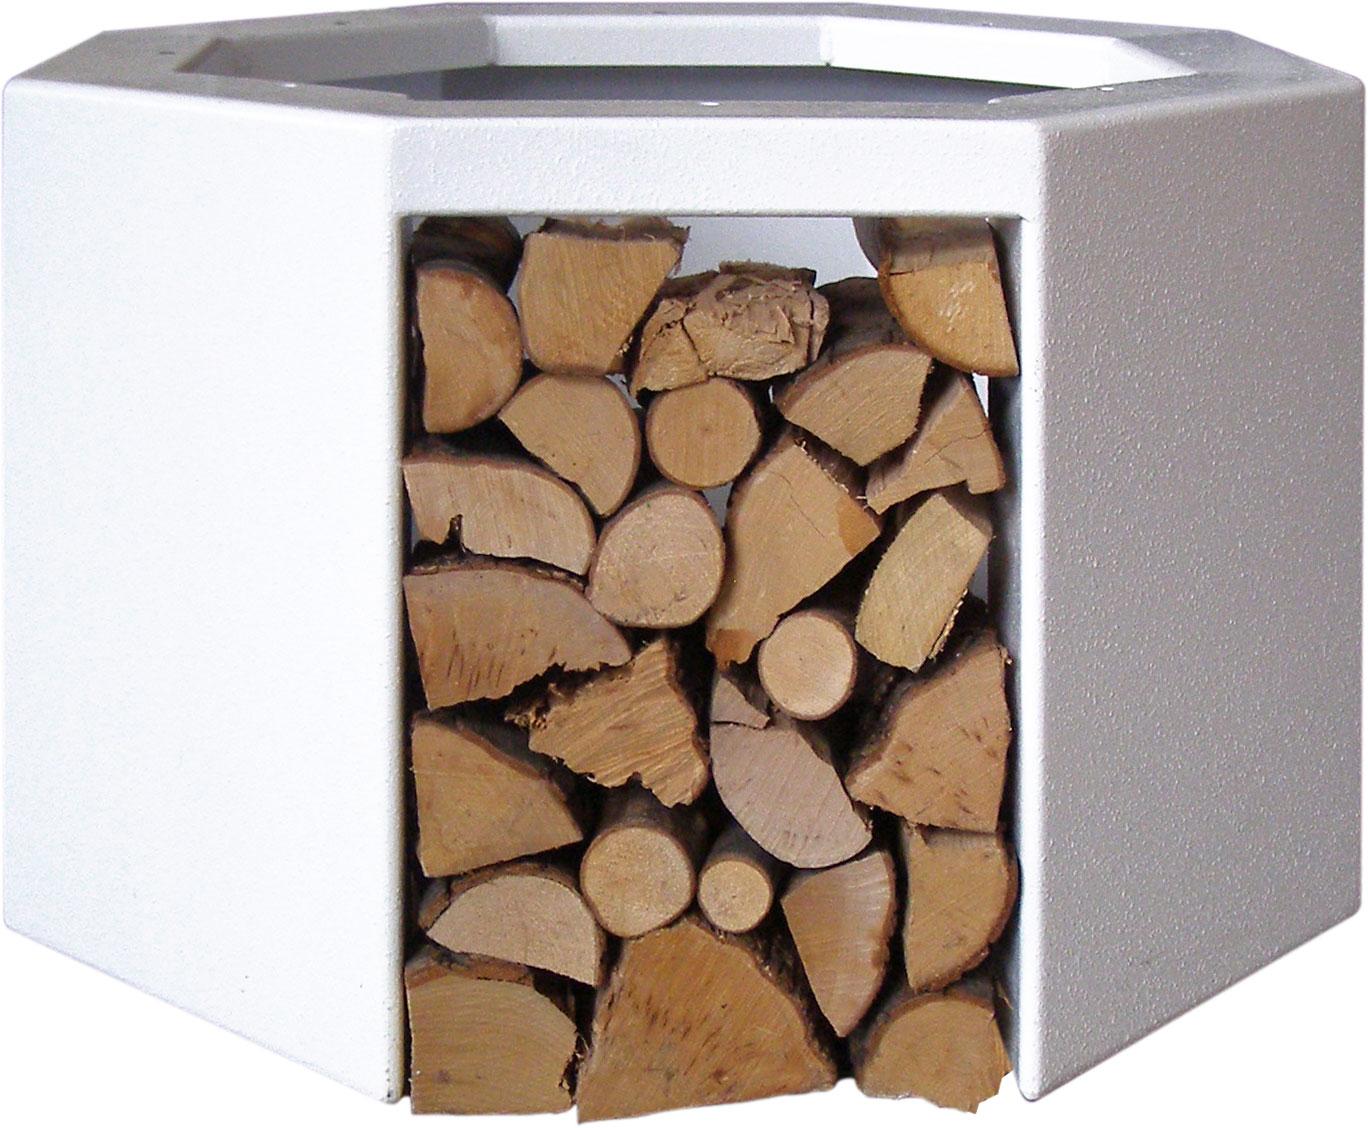 Supporto per stufa a legna